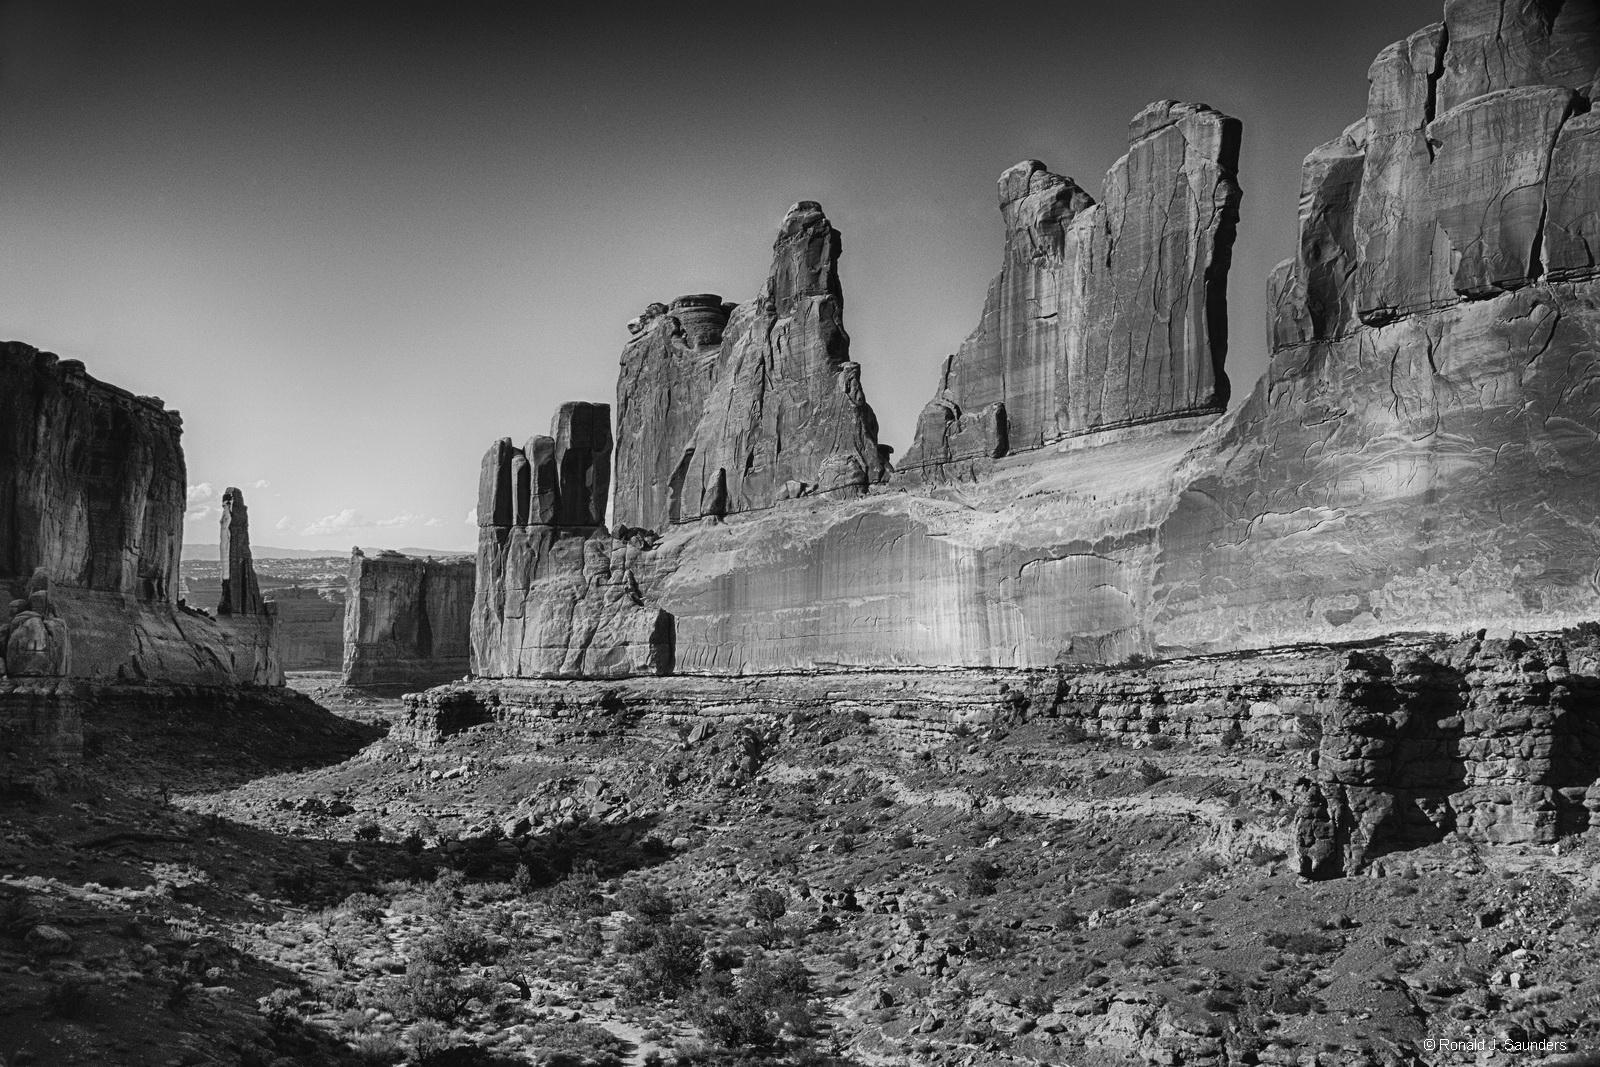 Arches, black, white, ron, ronald, saunders, view, landscape, fine art, keeble, shuchat,exhibition, photo